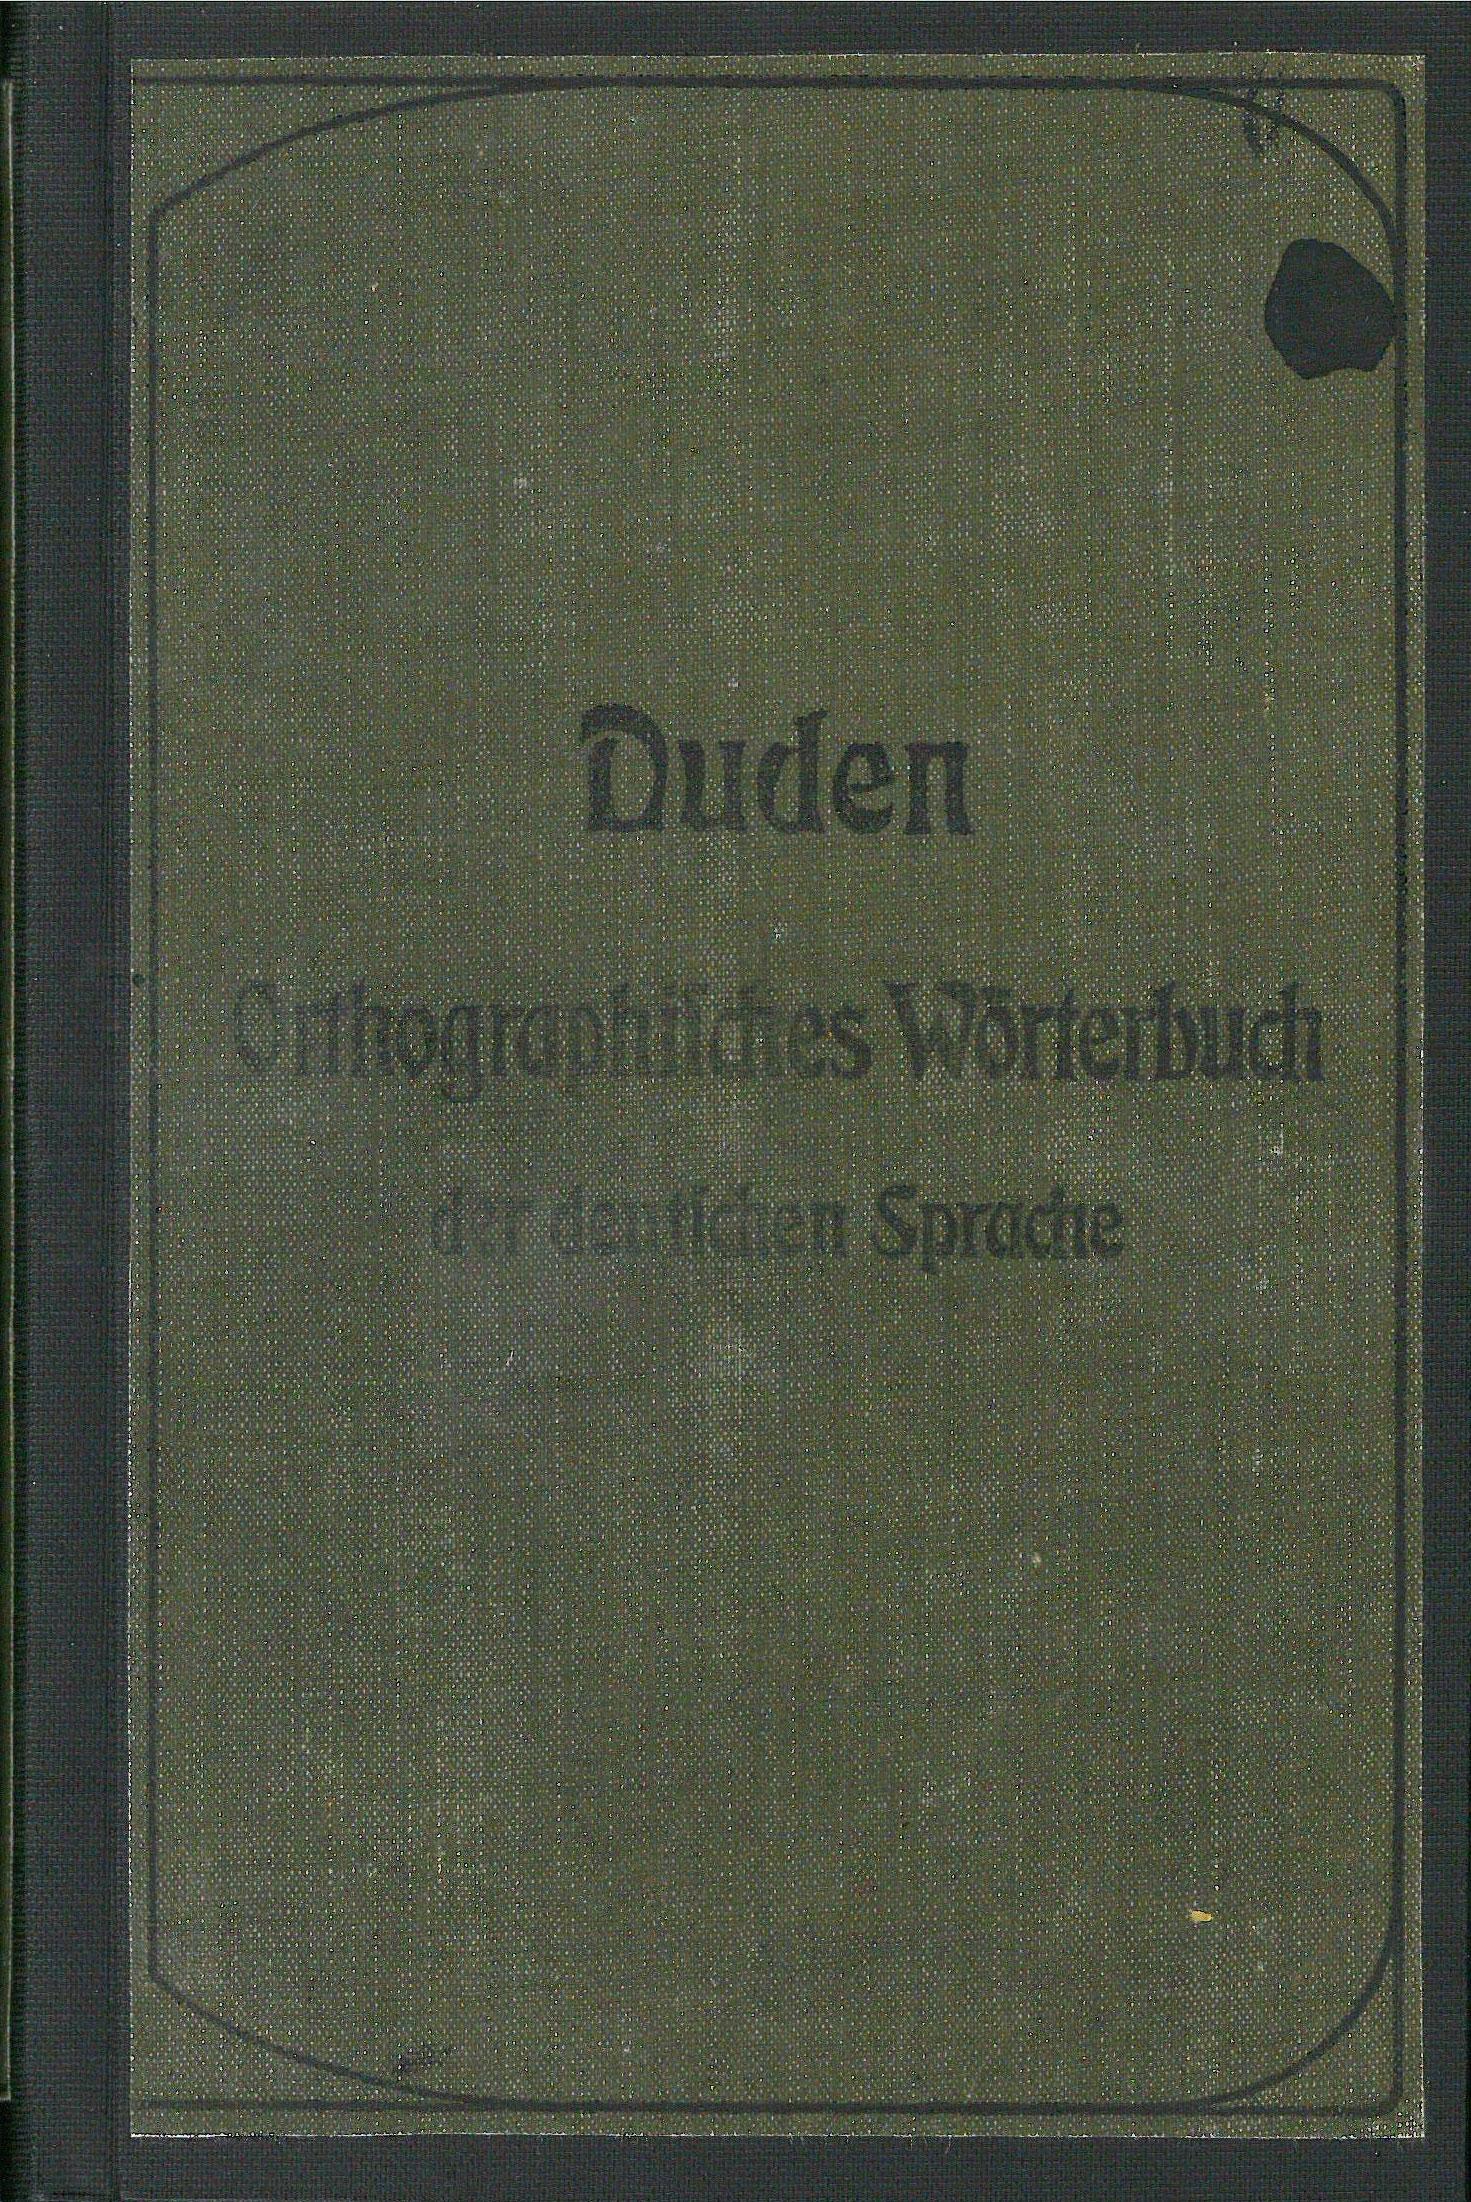 Buchcover Duden von 1902